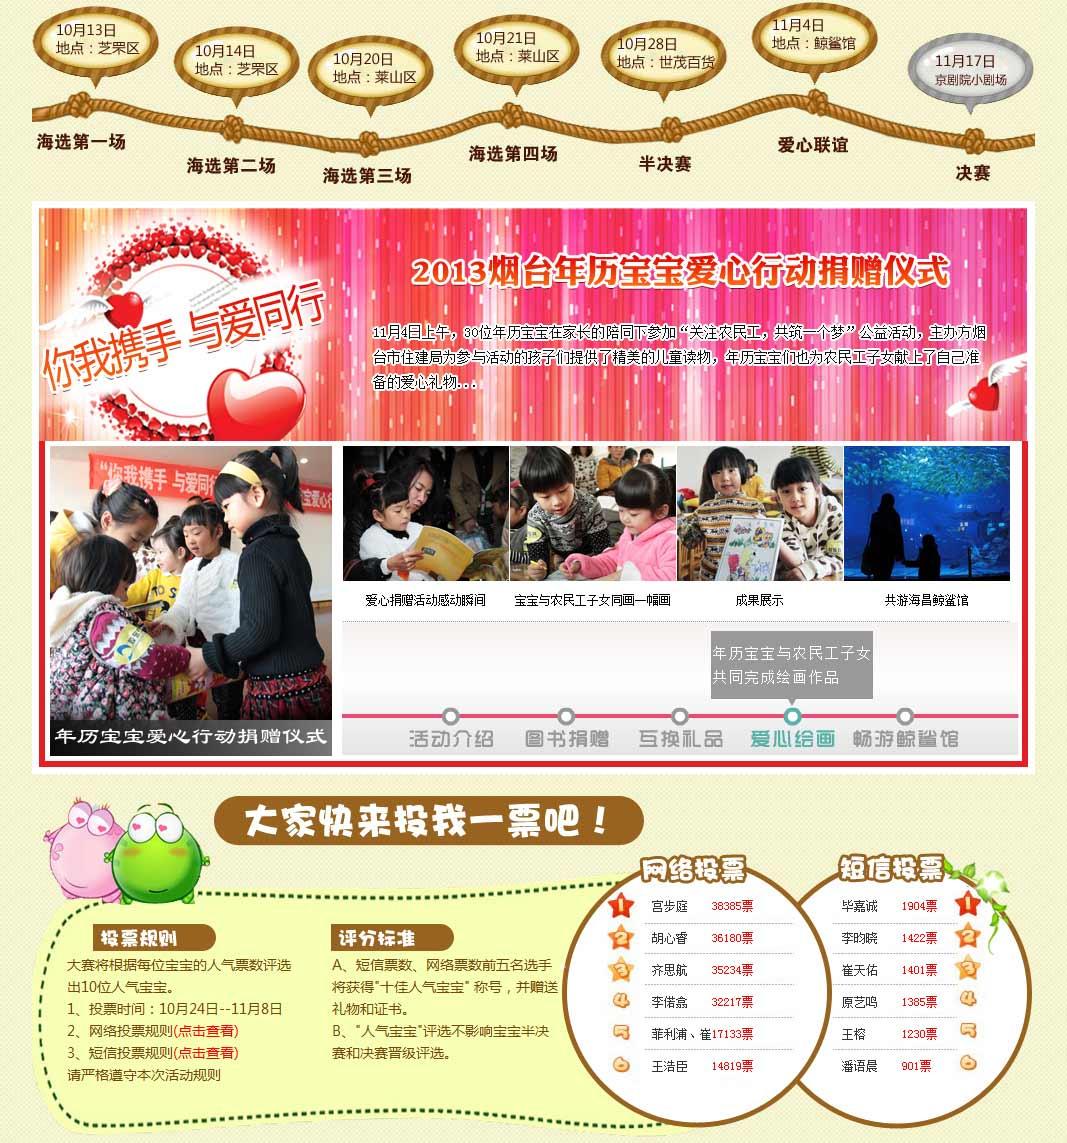 温馨家园杯-2013烟台年历宝宝大赛》共有31名小选手图片